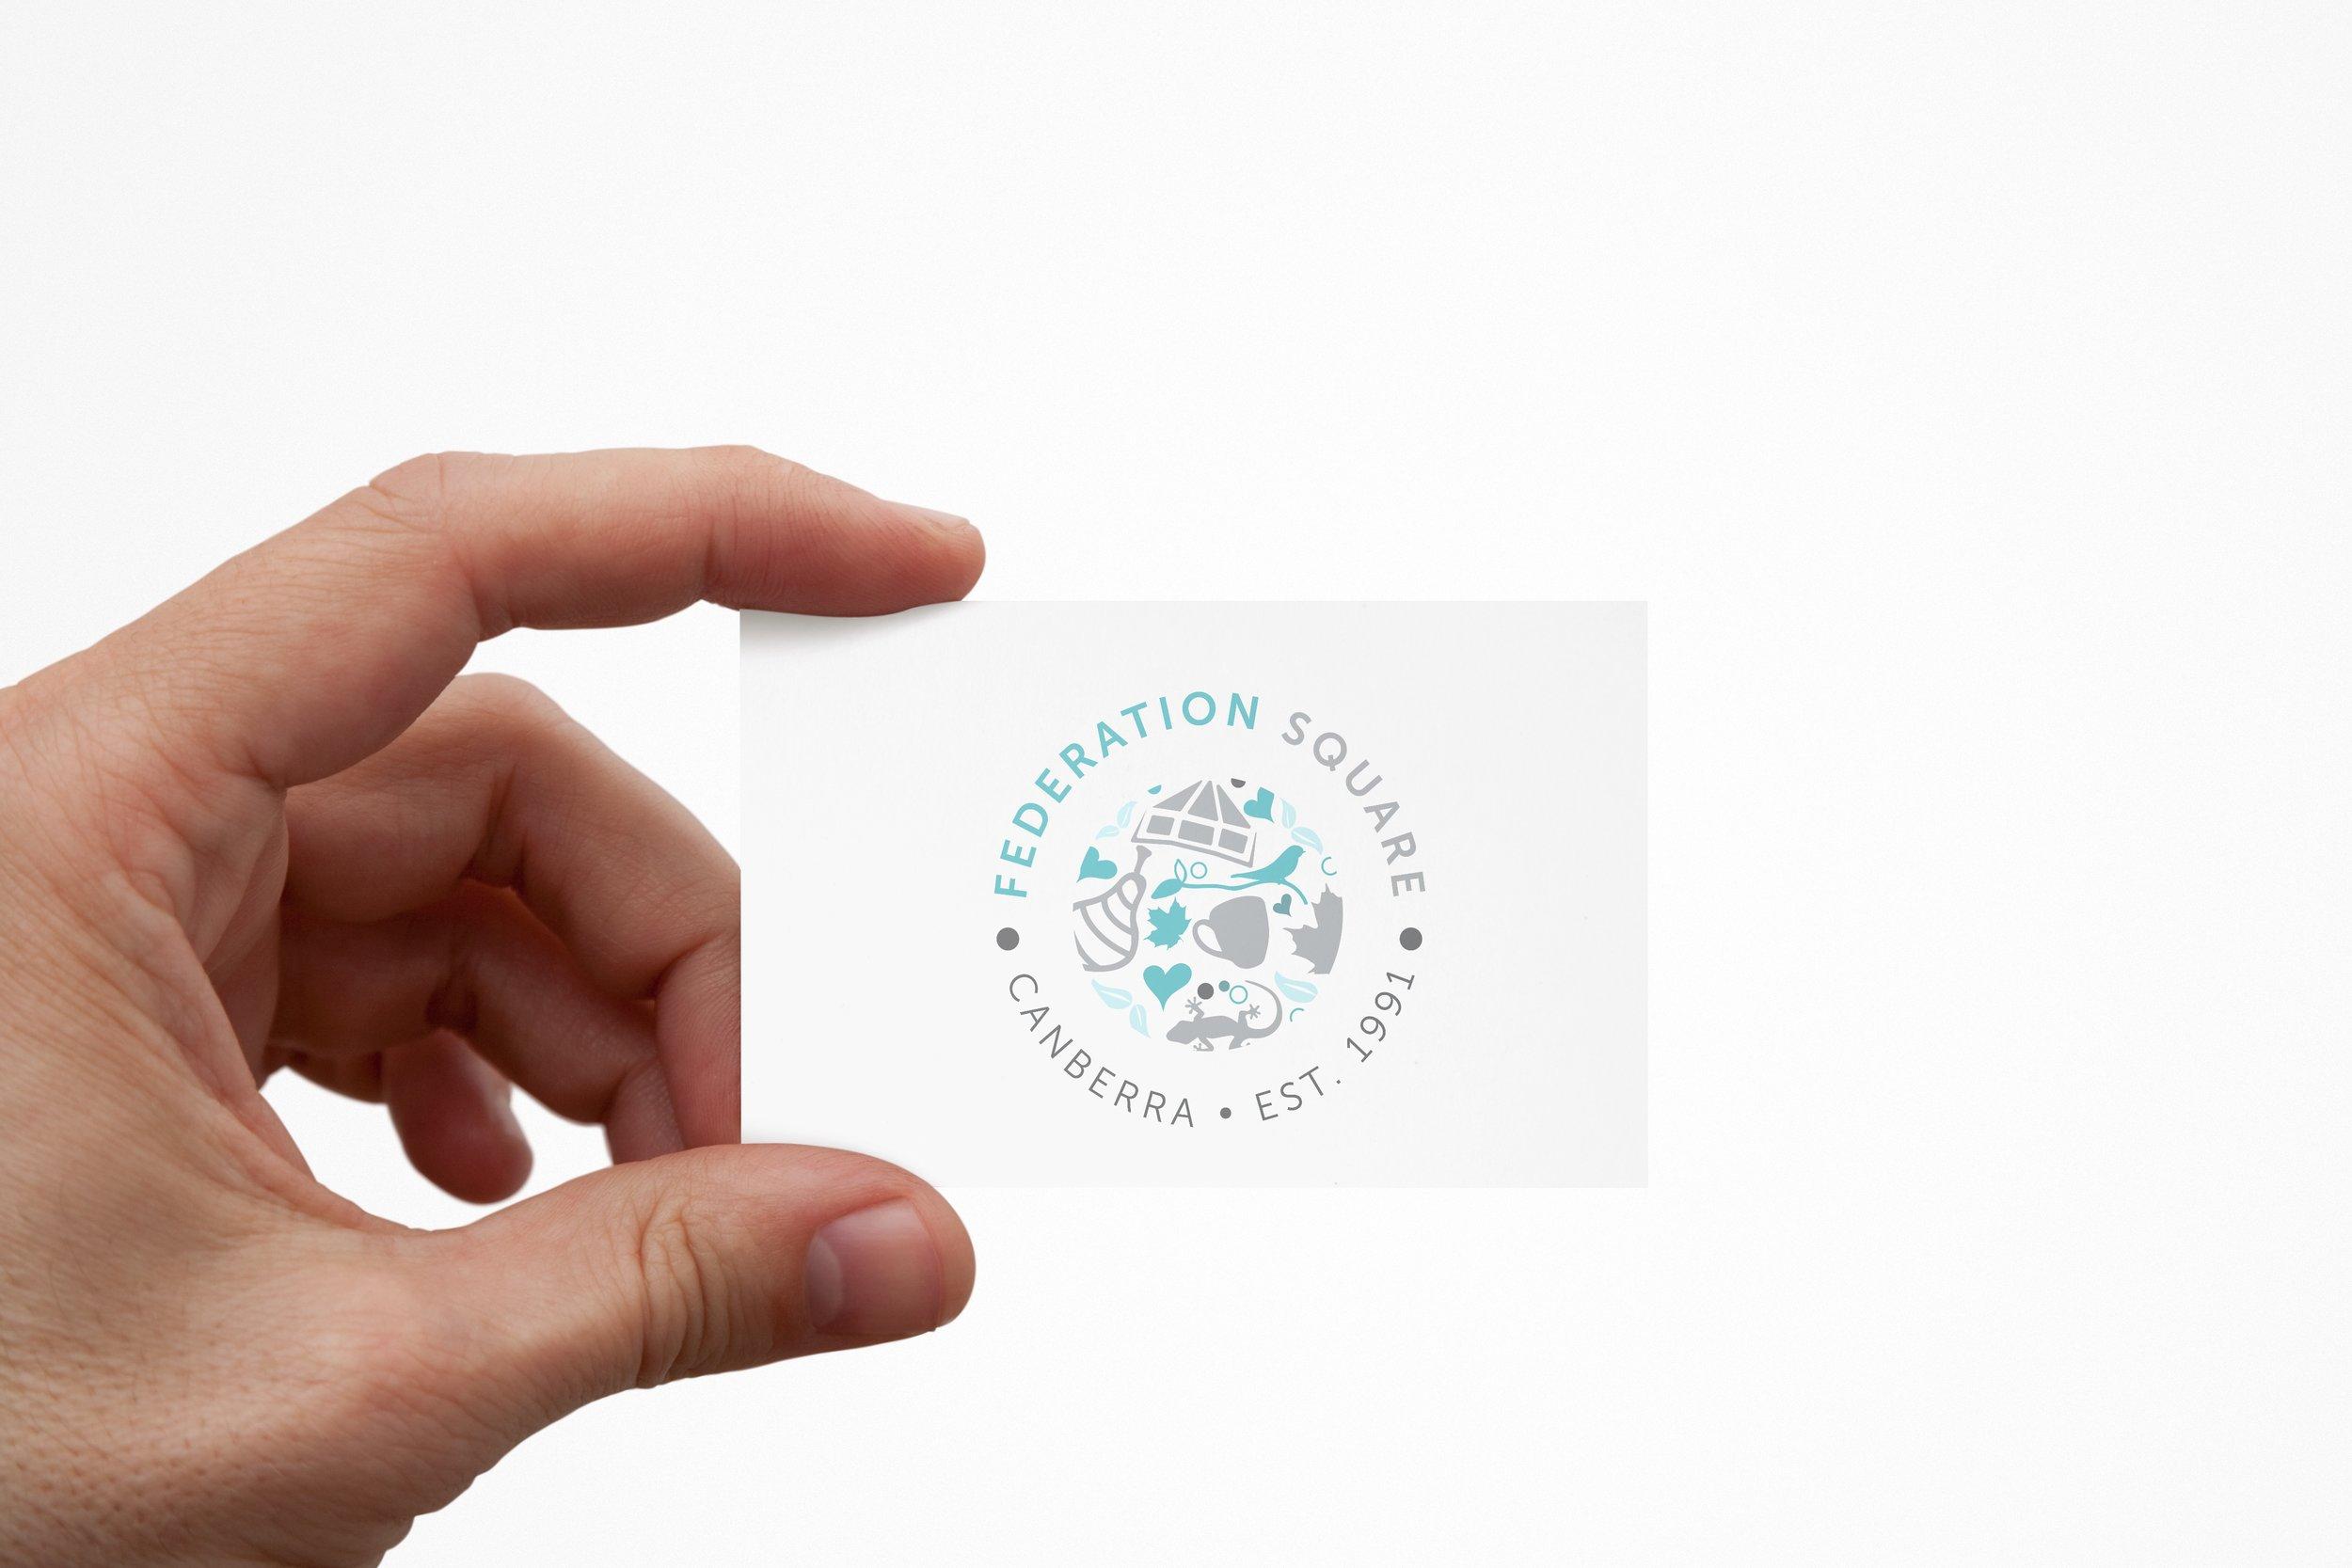 Business card 0493 2018-12-07.jpeg